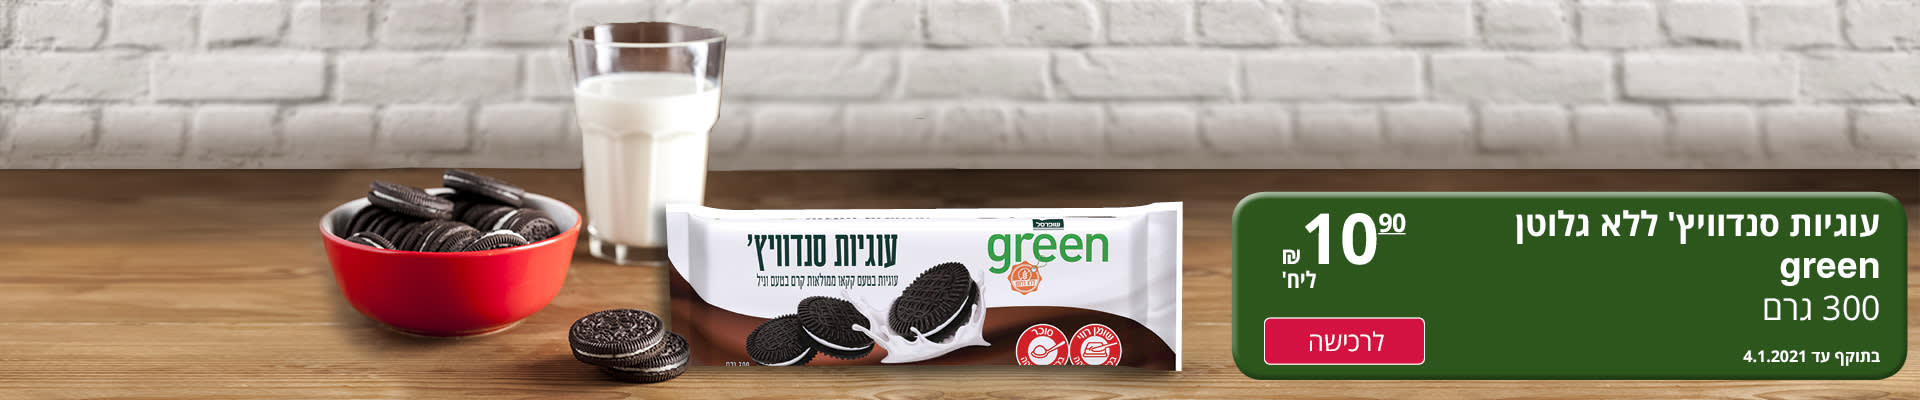 עוגיות סנדוויץ' ללא גלוטן green ב-10.90 ₪ ליחידה. בתוקף עד 4.1.2021